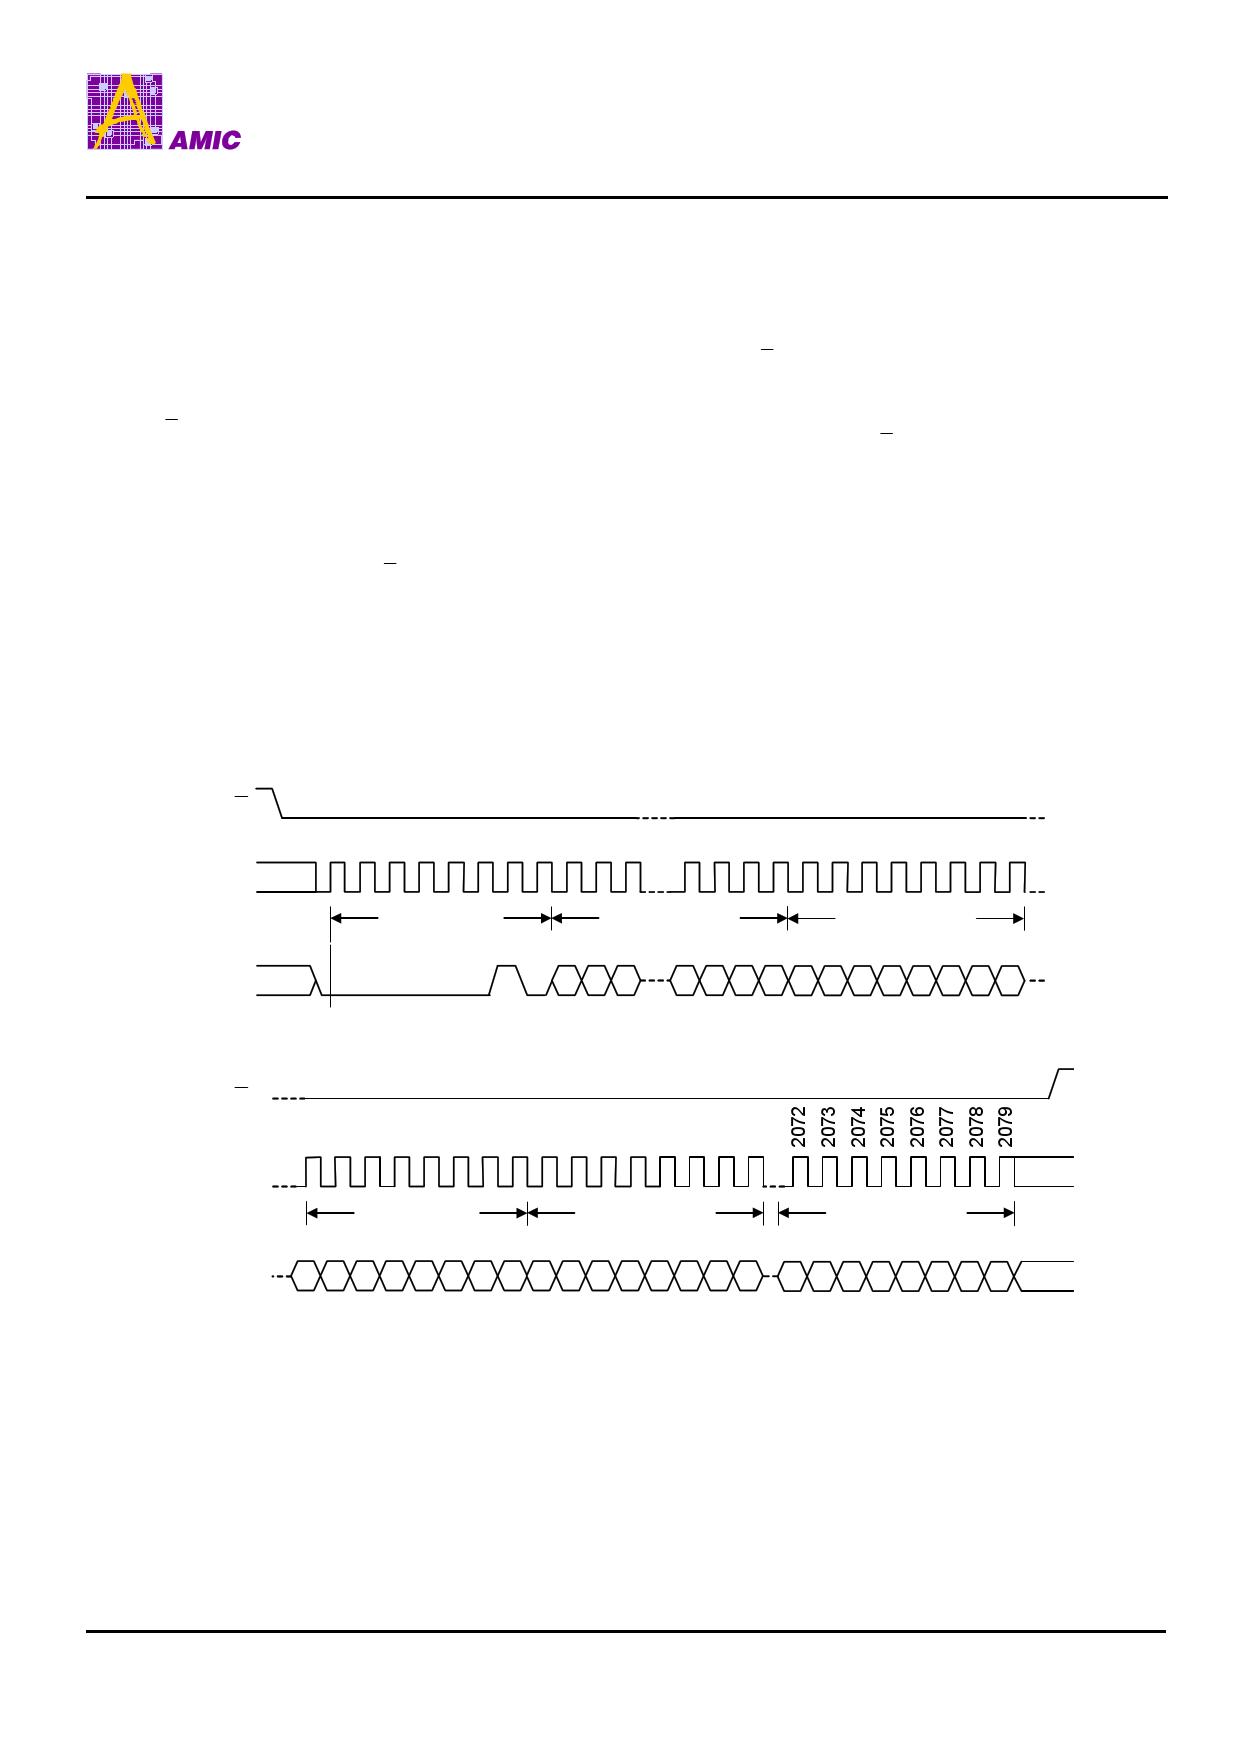 A25L05P transistor, igbt